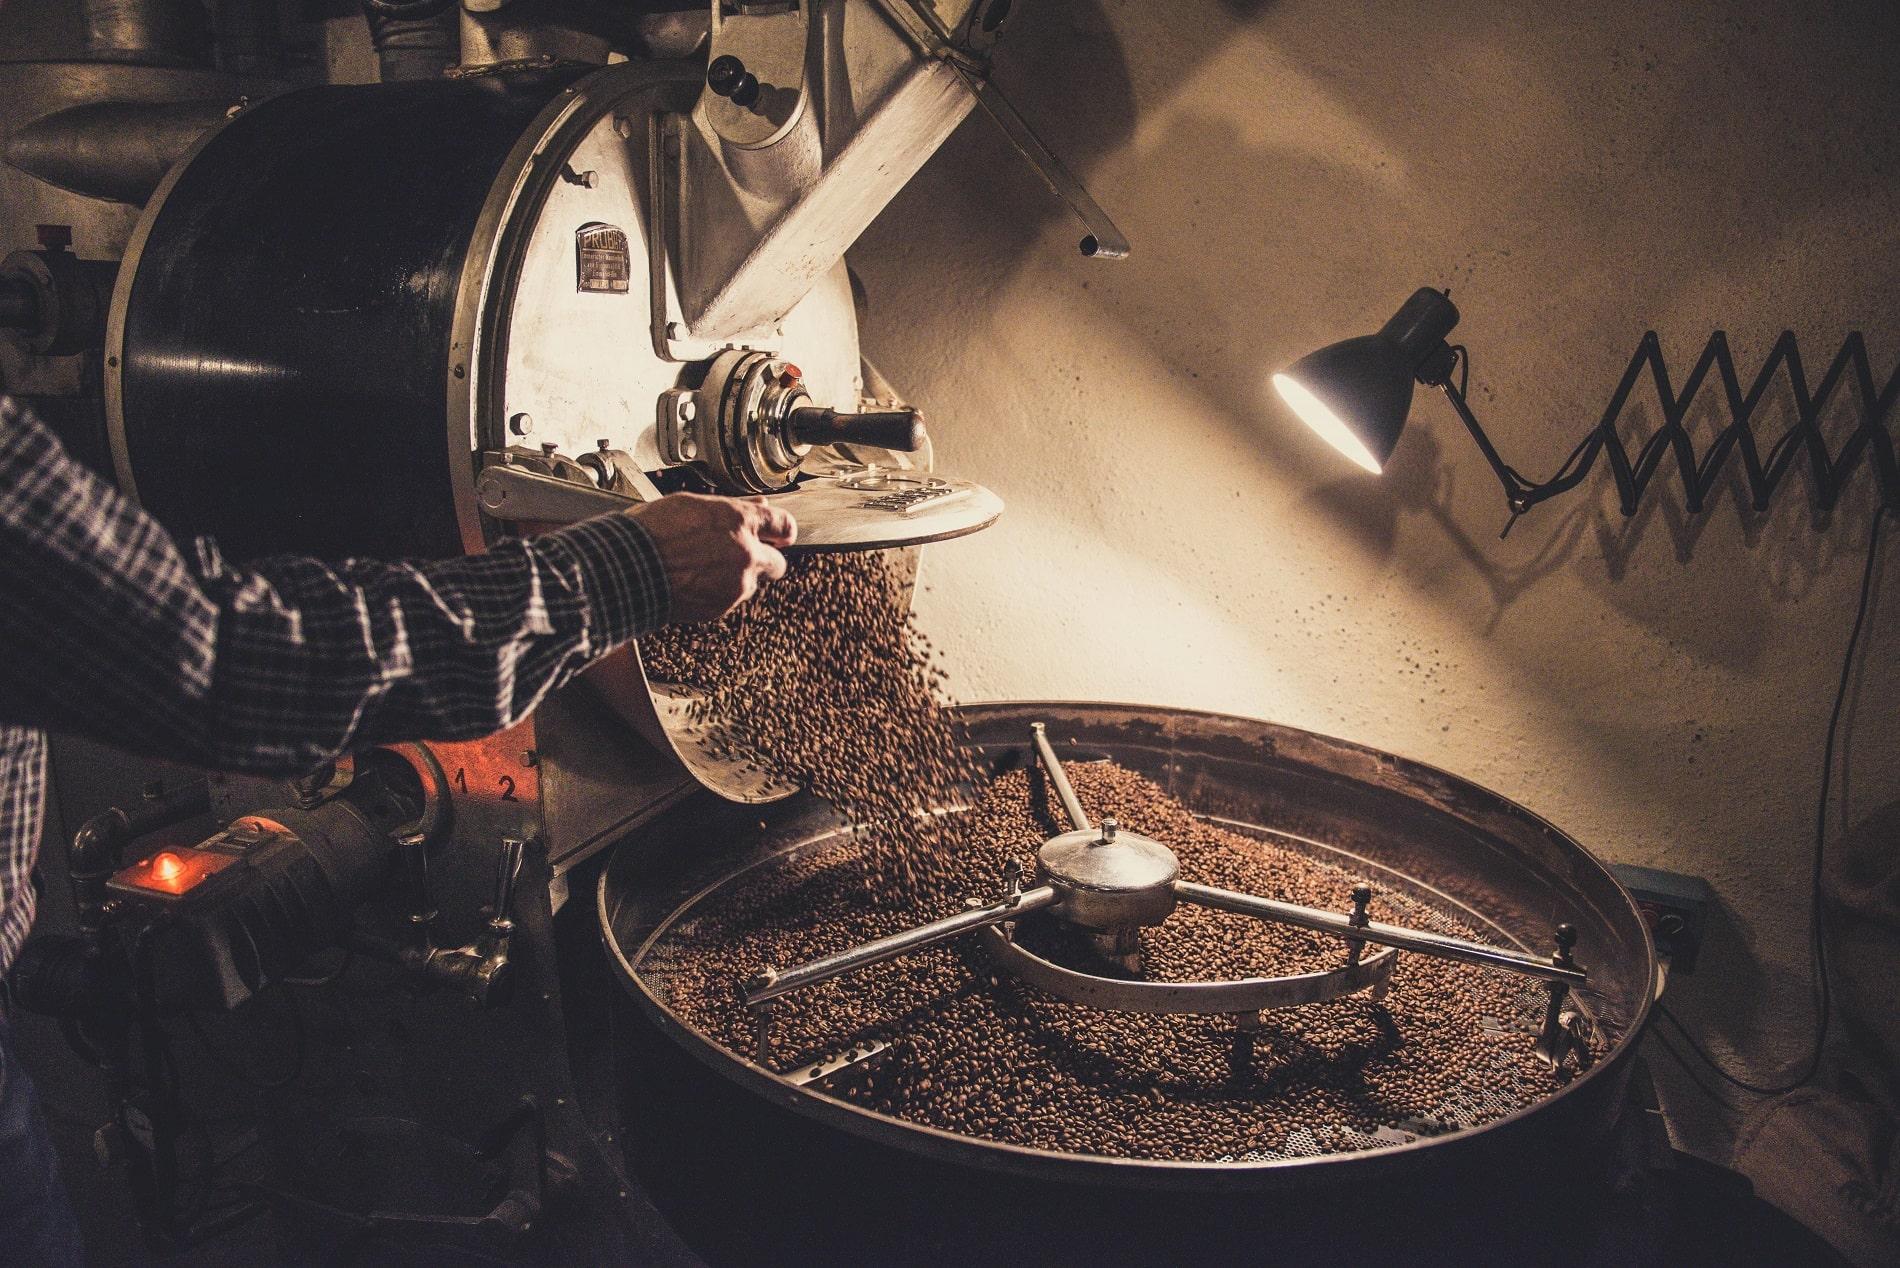 прожарка кофе